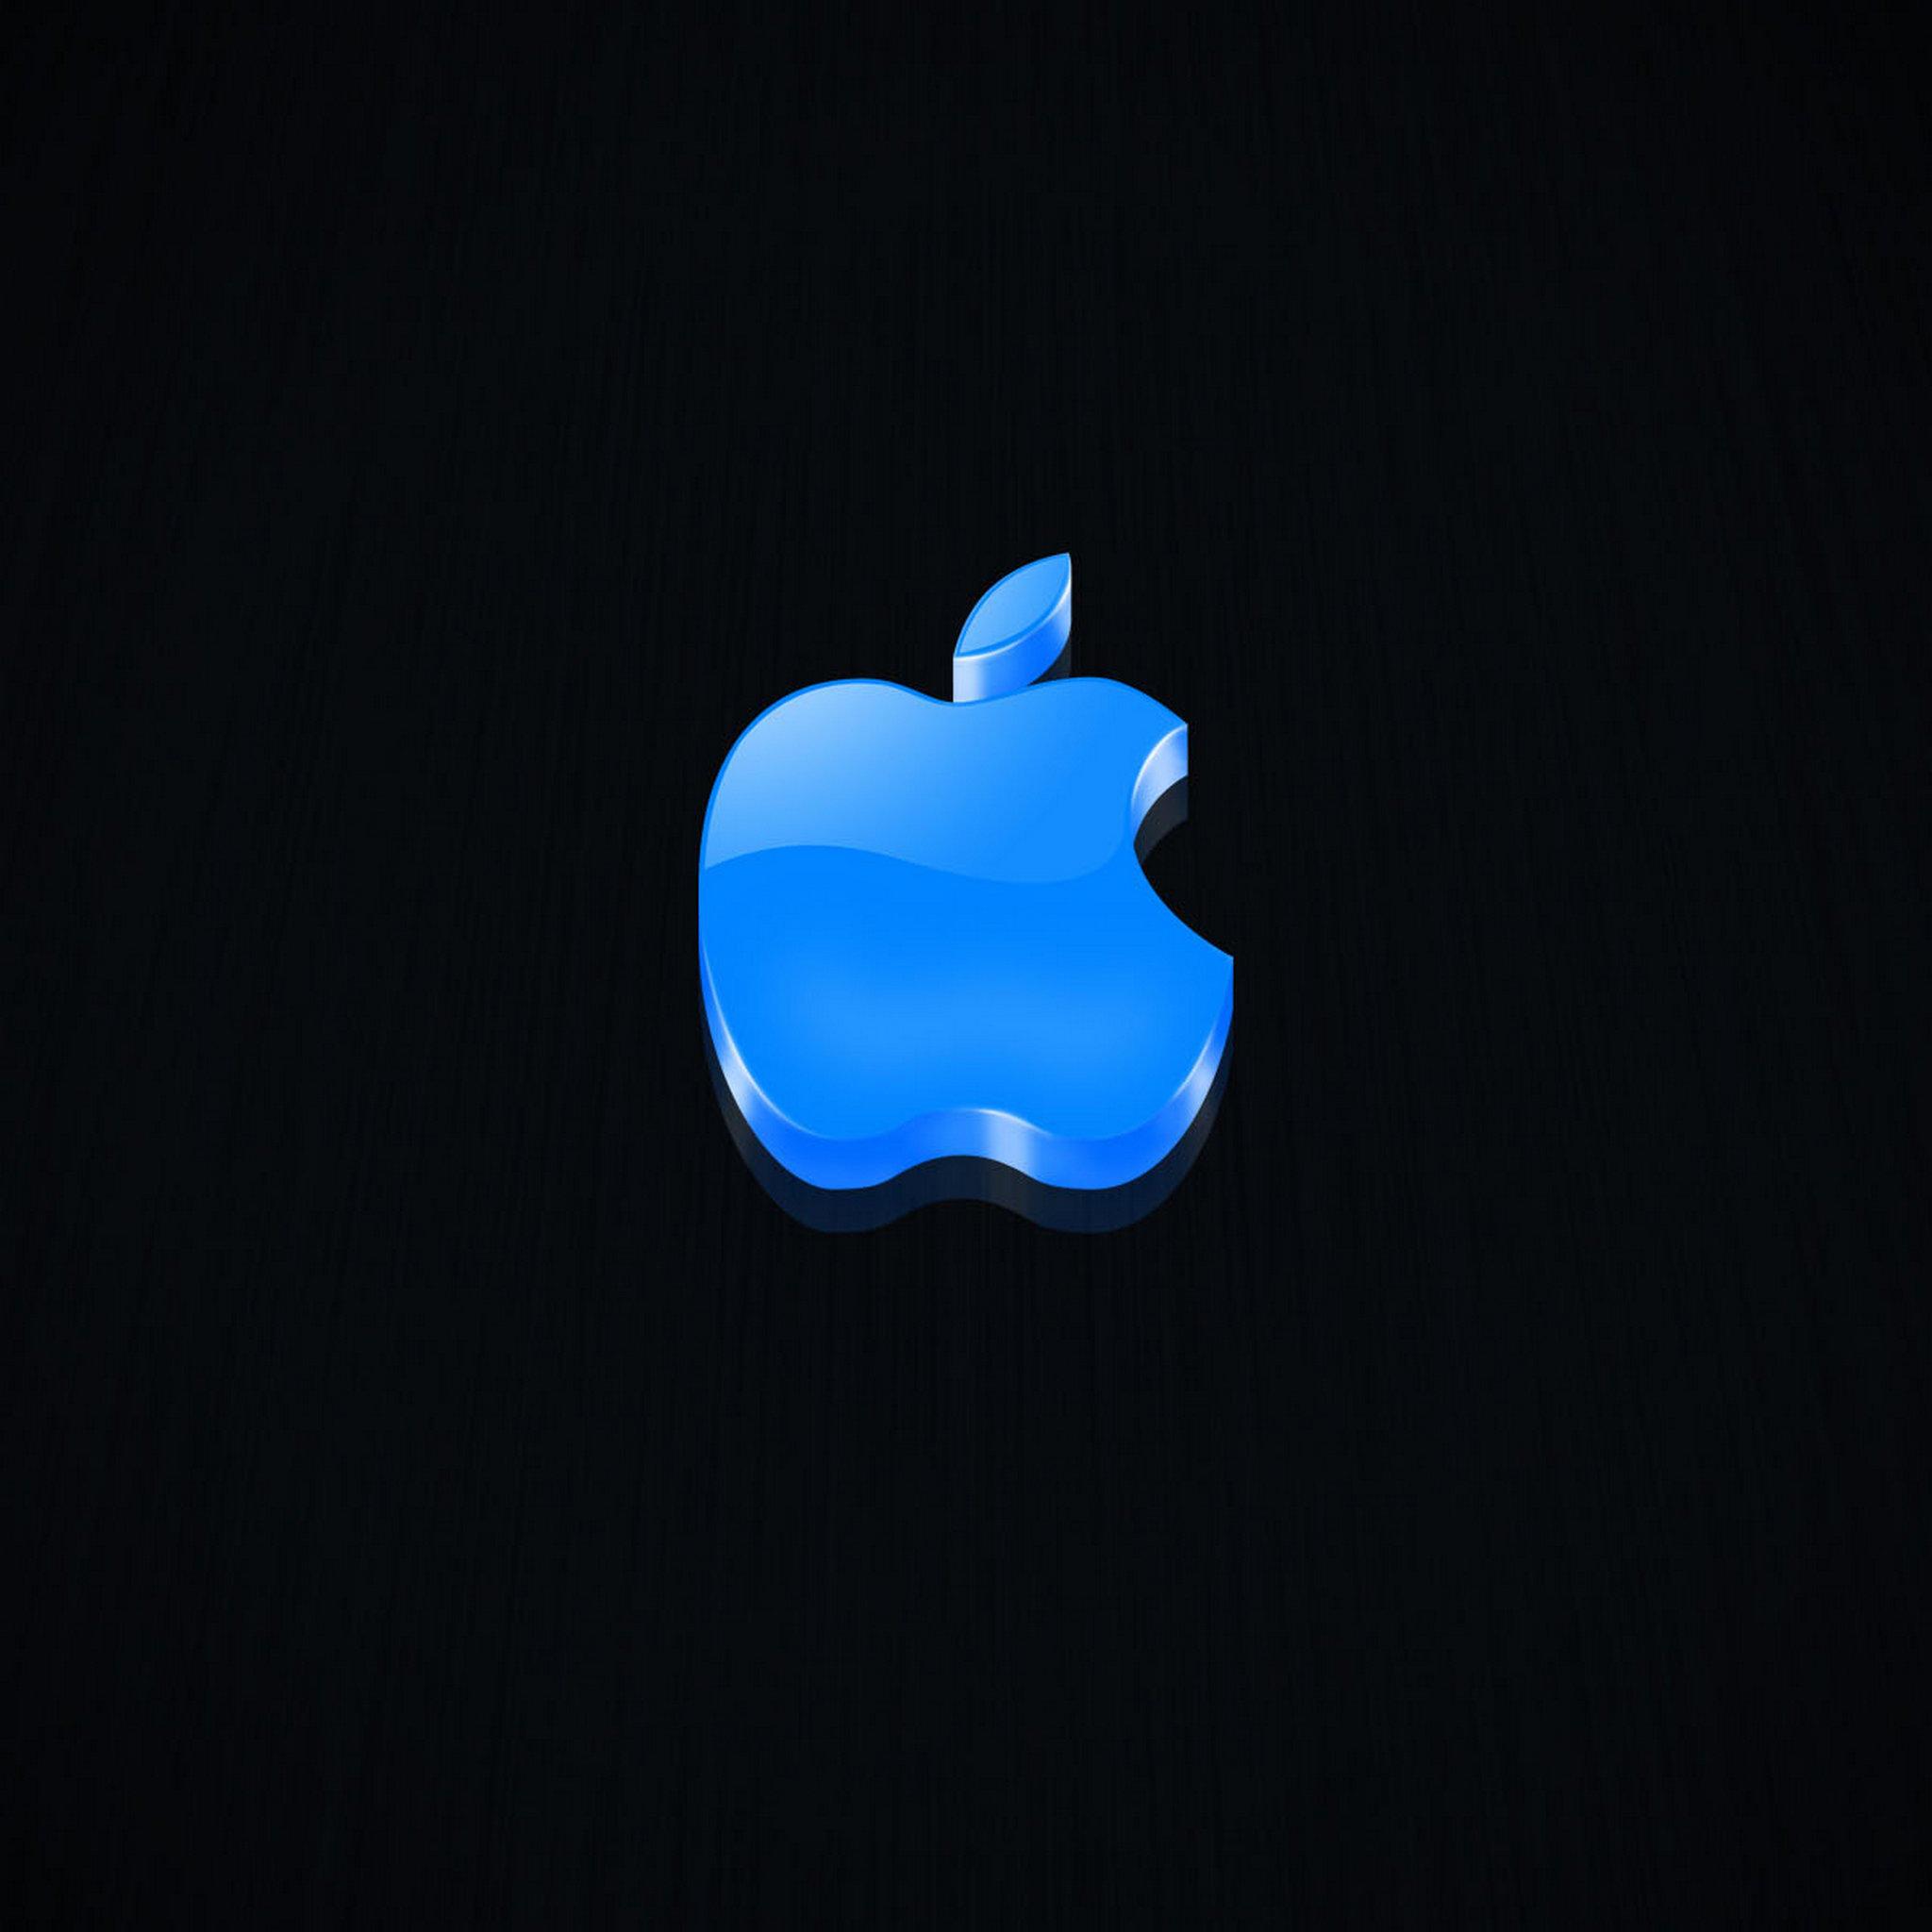 iPad Wallpapers Apple LOGO 025   Apple New iPad iPad 3 iPad 4 2048x2048